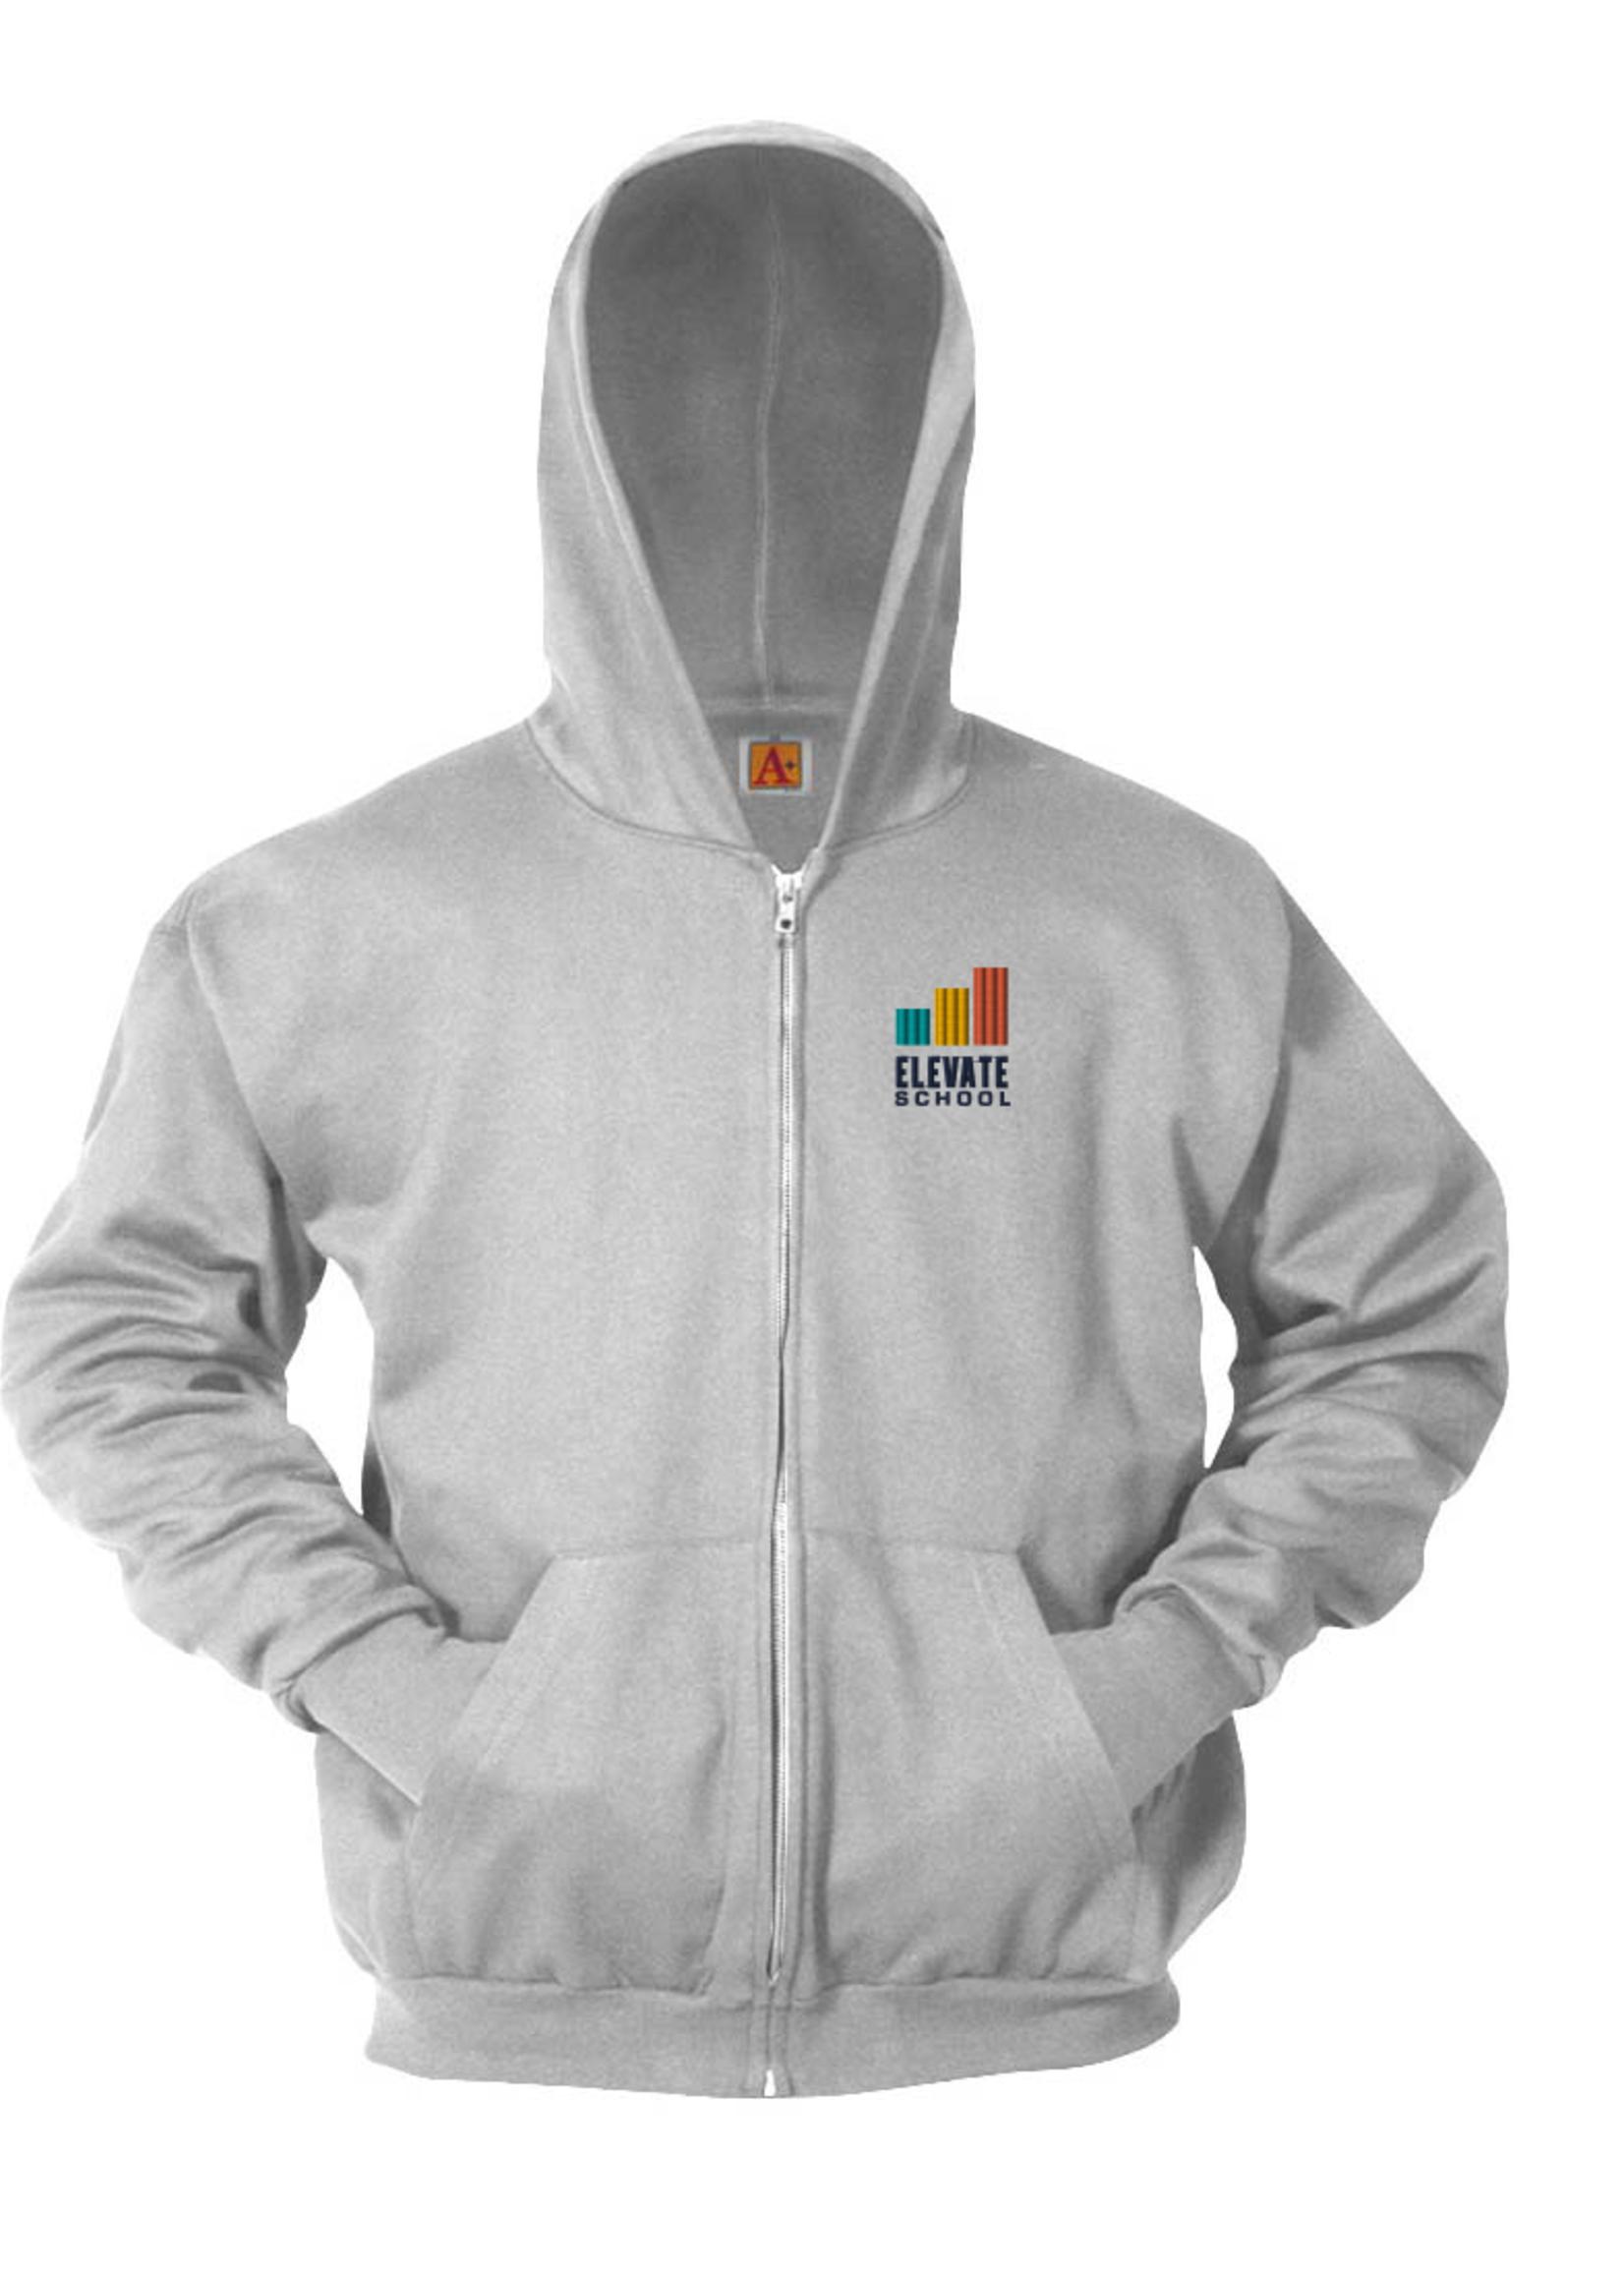 Elevate Hooded Full Zip Sweatshirt